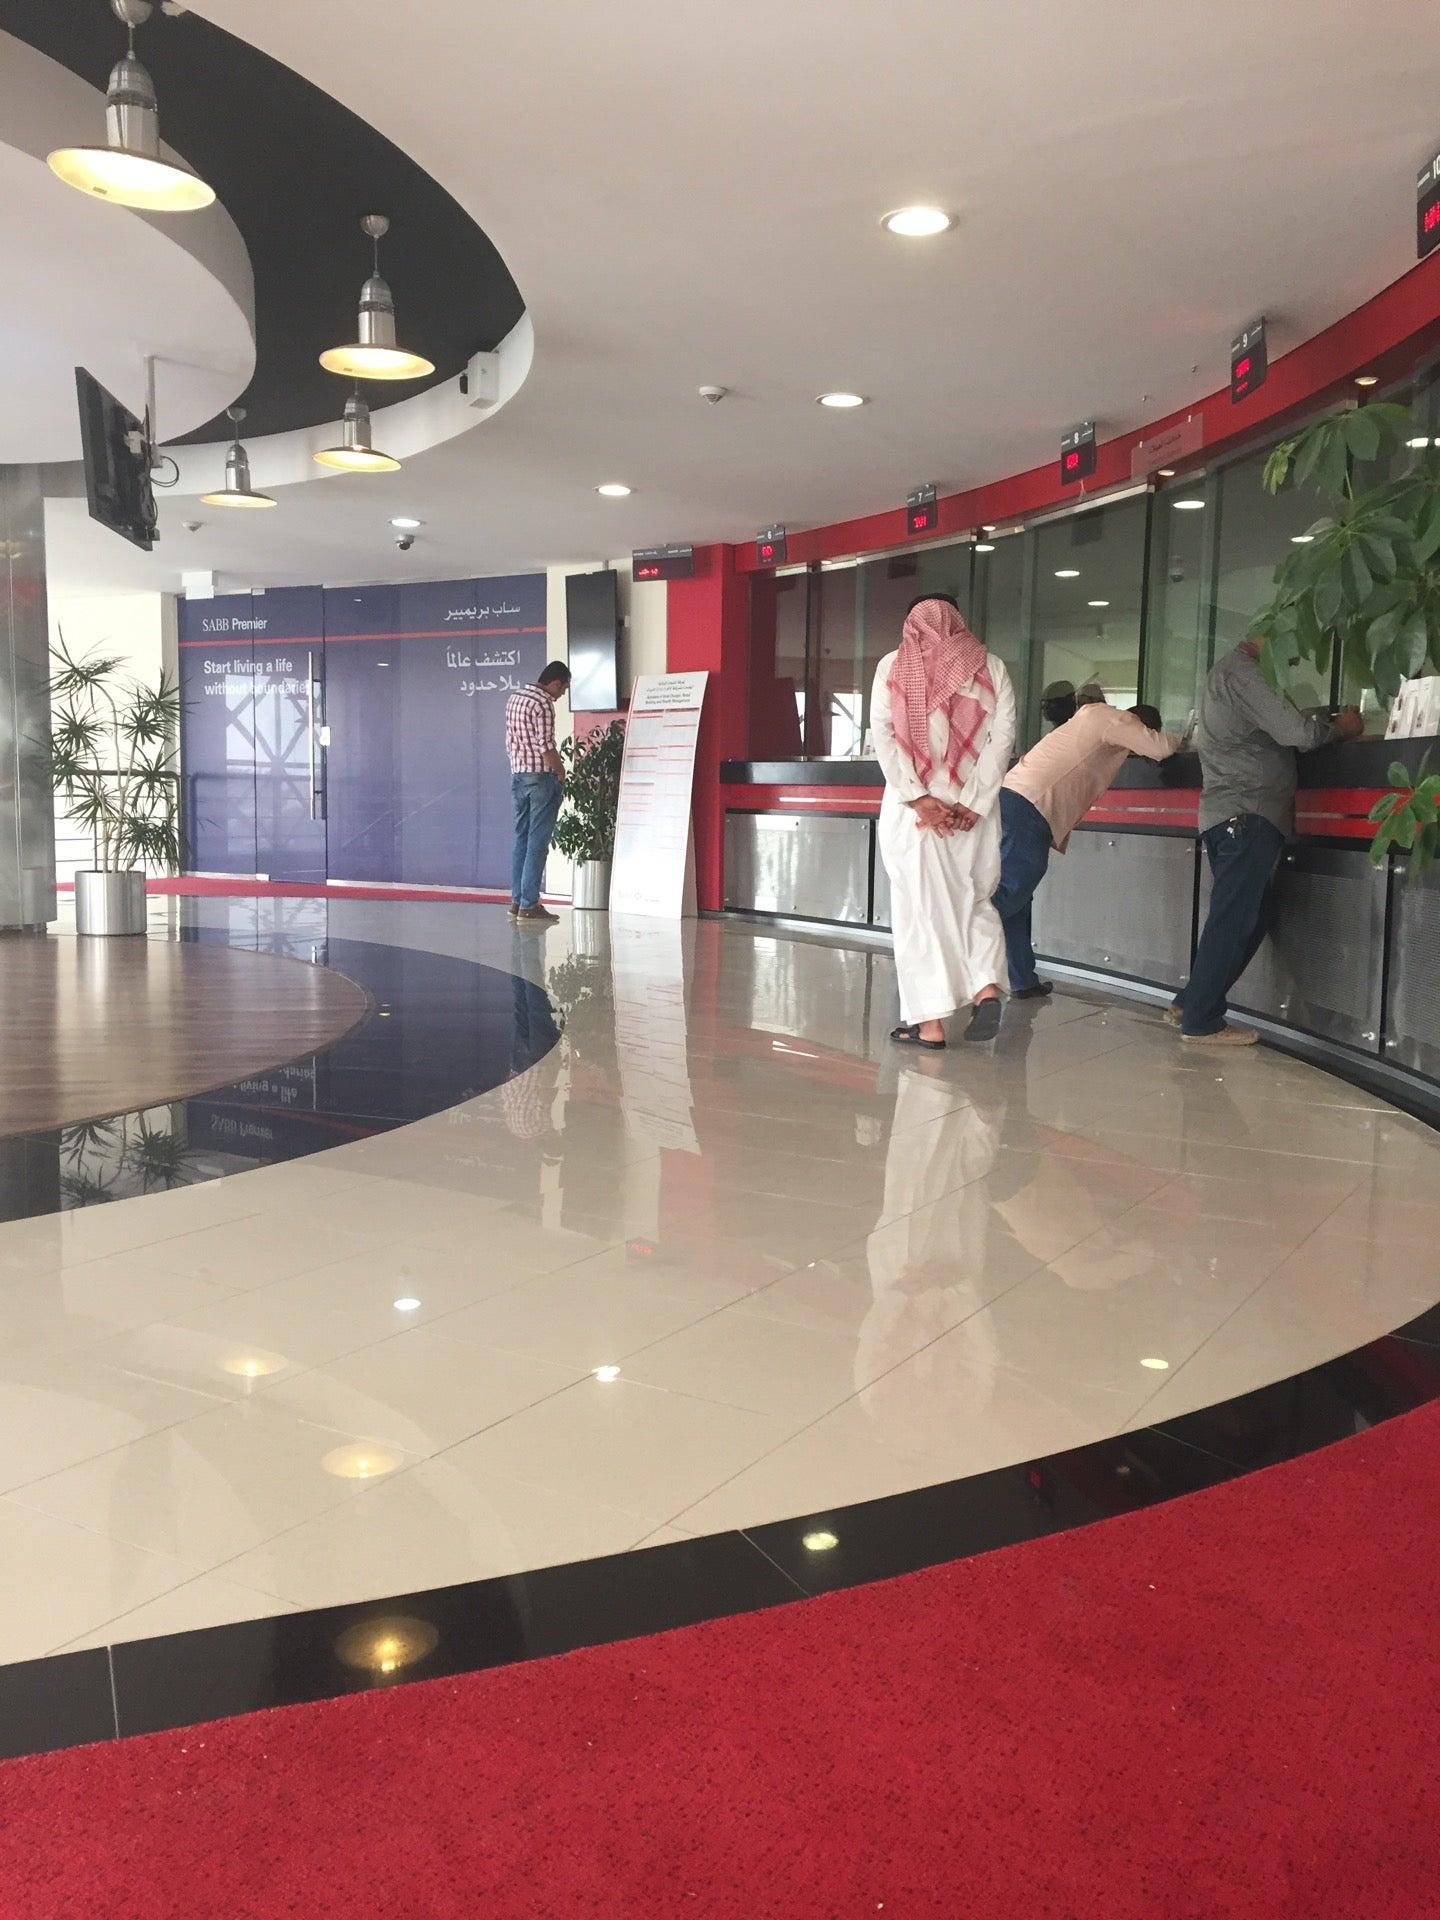 al-riyadh directory - SABB Bank